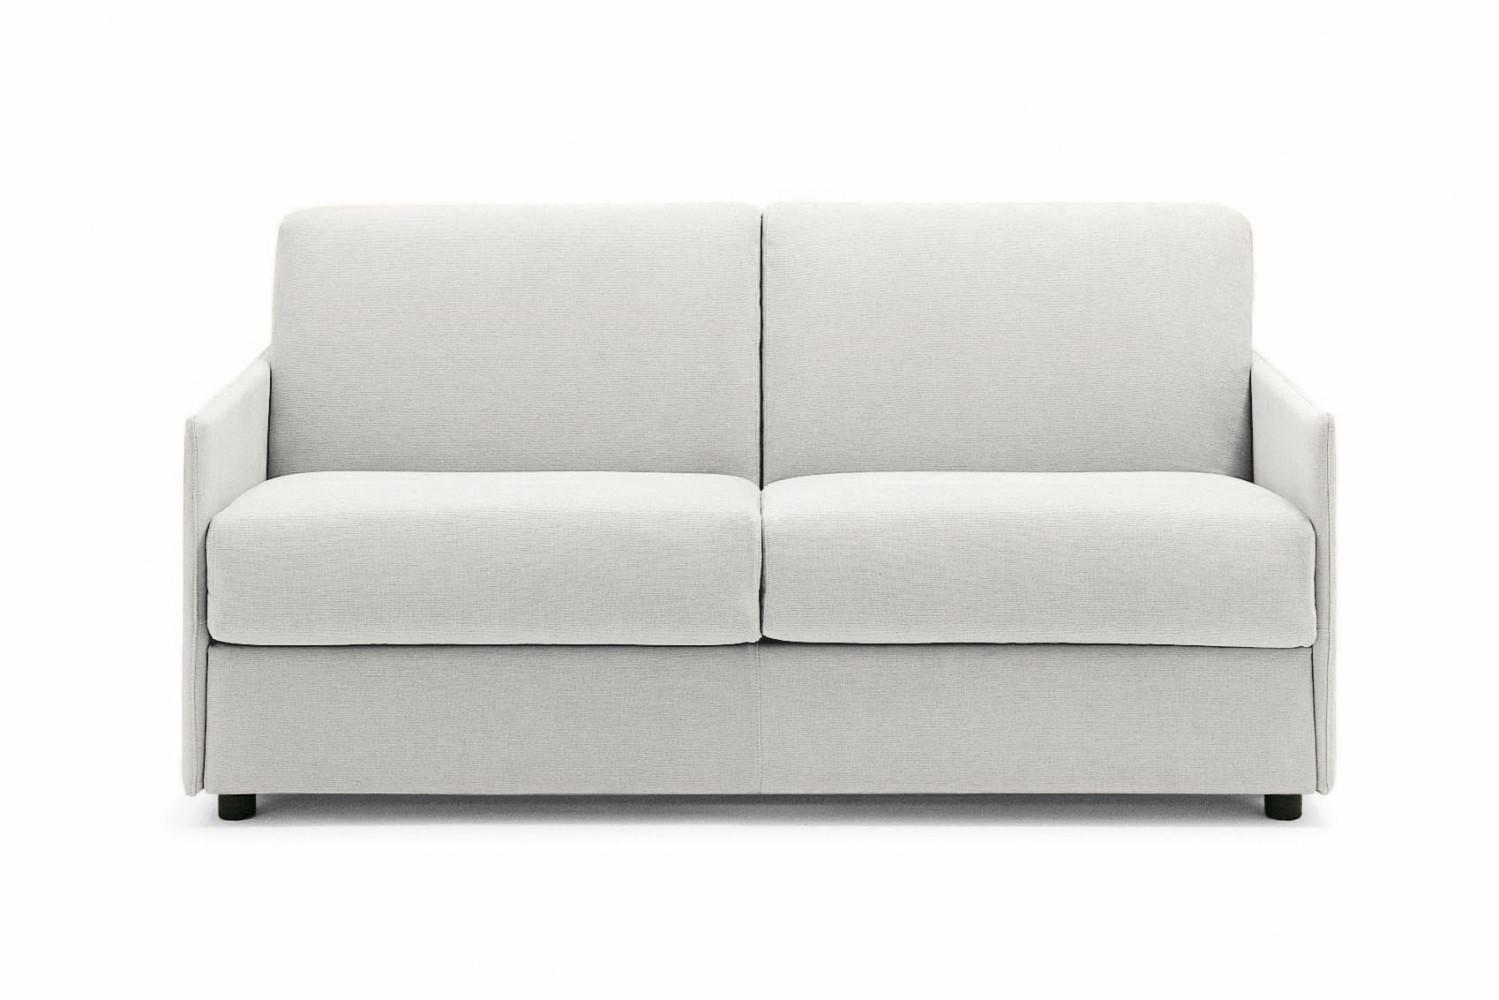 Cheap modello lampo con braccioli sottili with divani for Divano letto due posti mondo convenienza